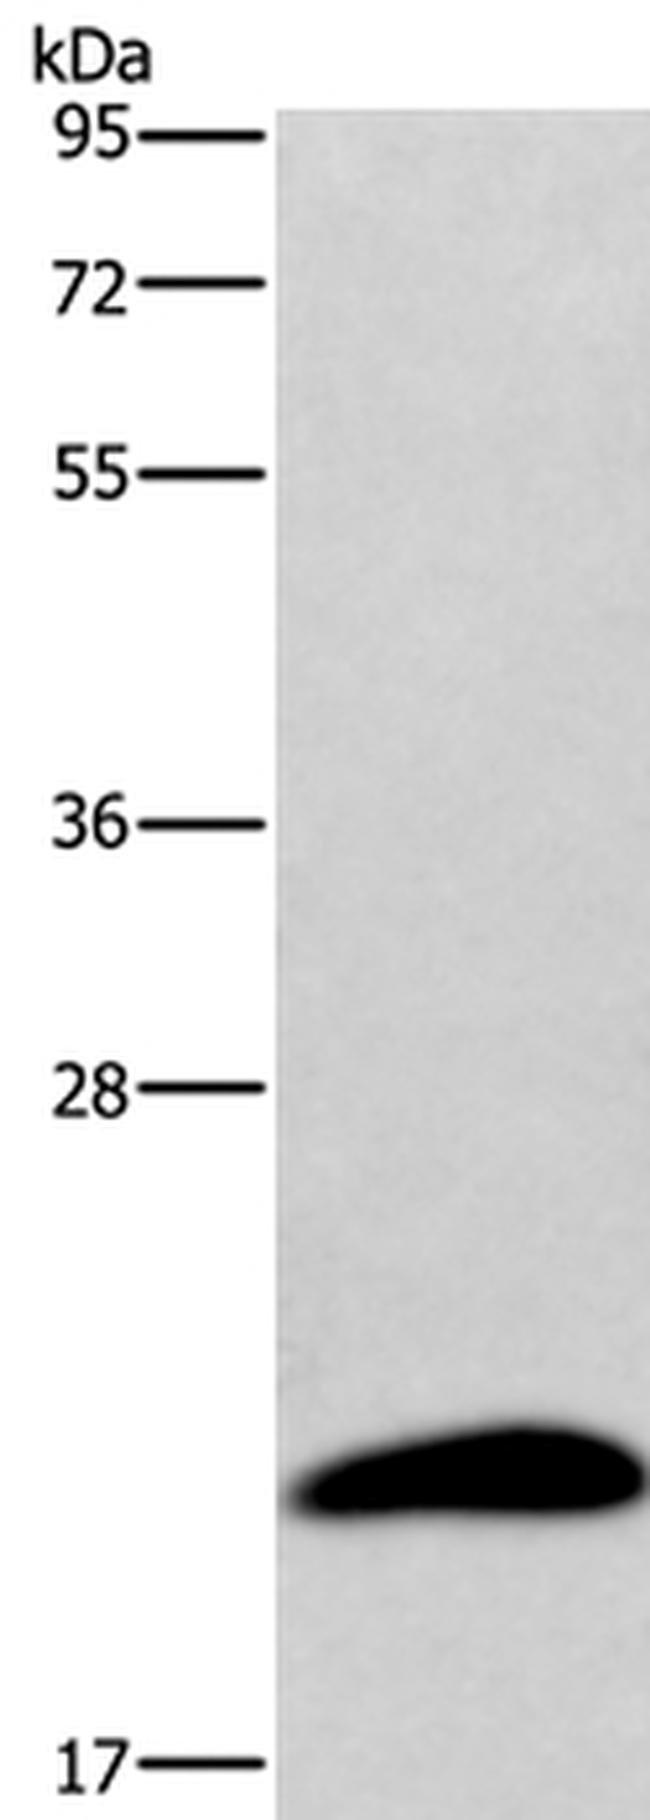 AURKAIP1 Rabbit anti-Human, Polyclonal, Invitrogen 100 µL; Unconjugated